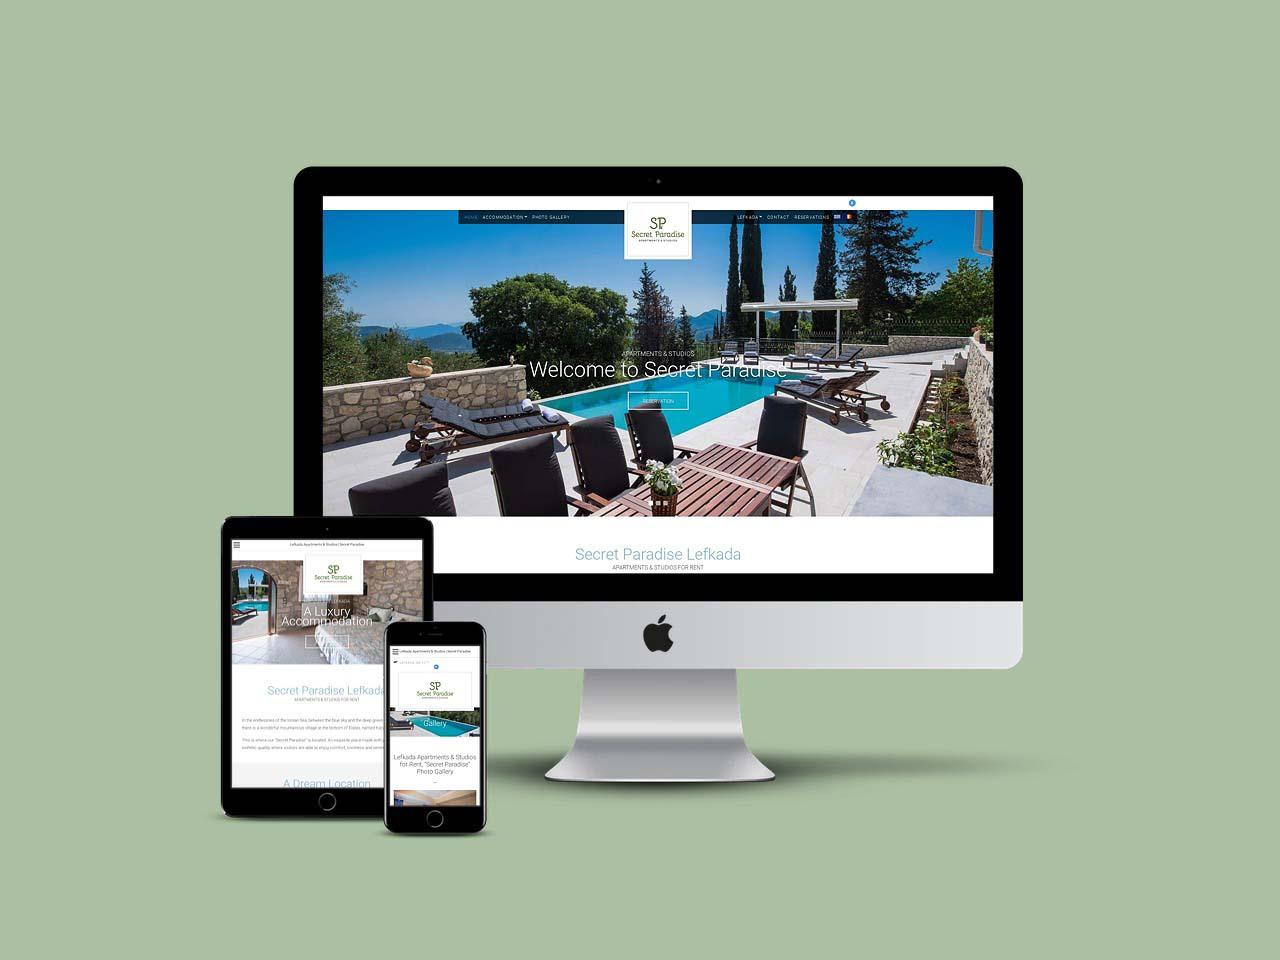 Secret Paradise Lefkada Luxury Apartment & Studios